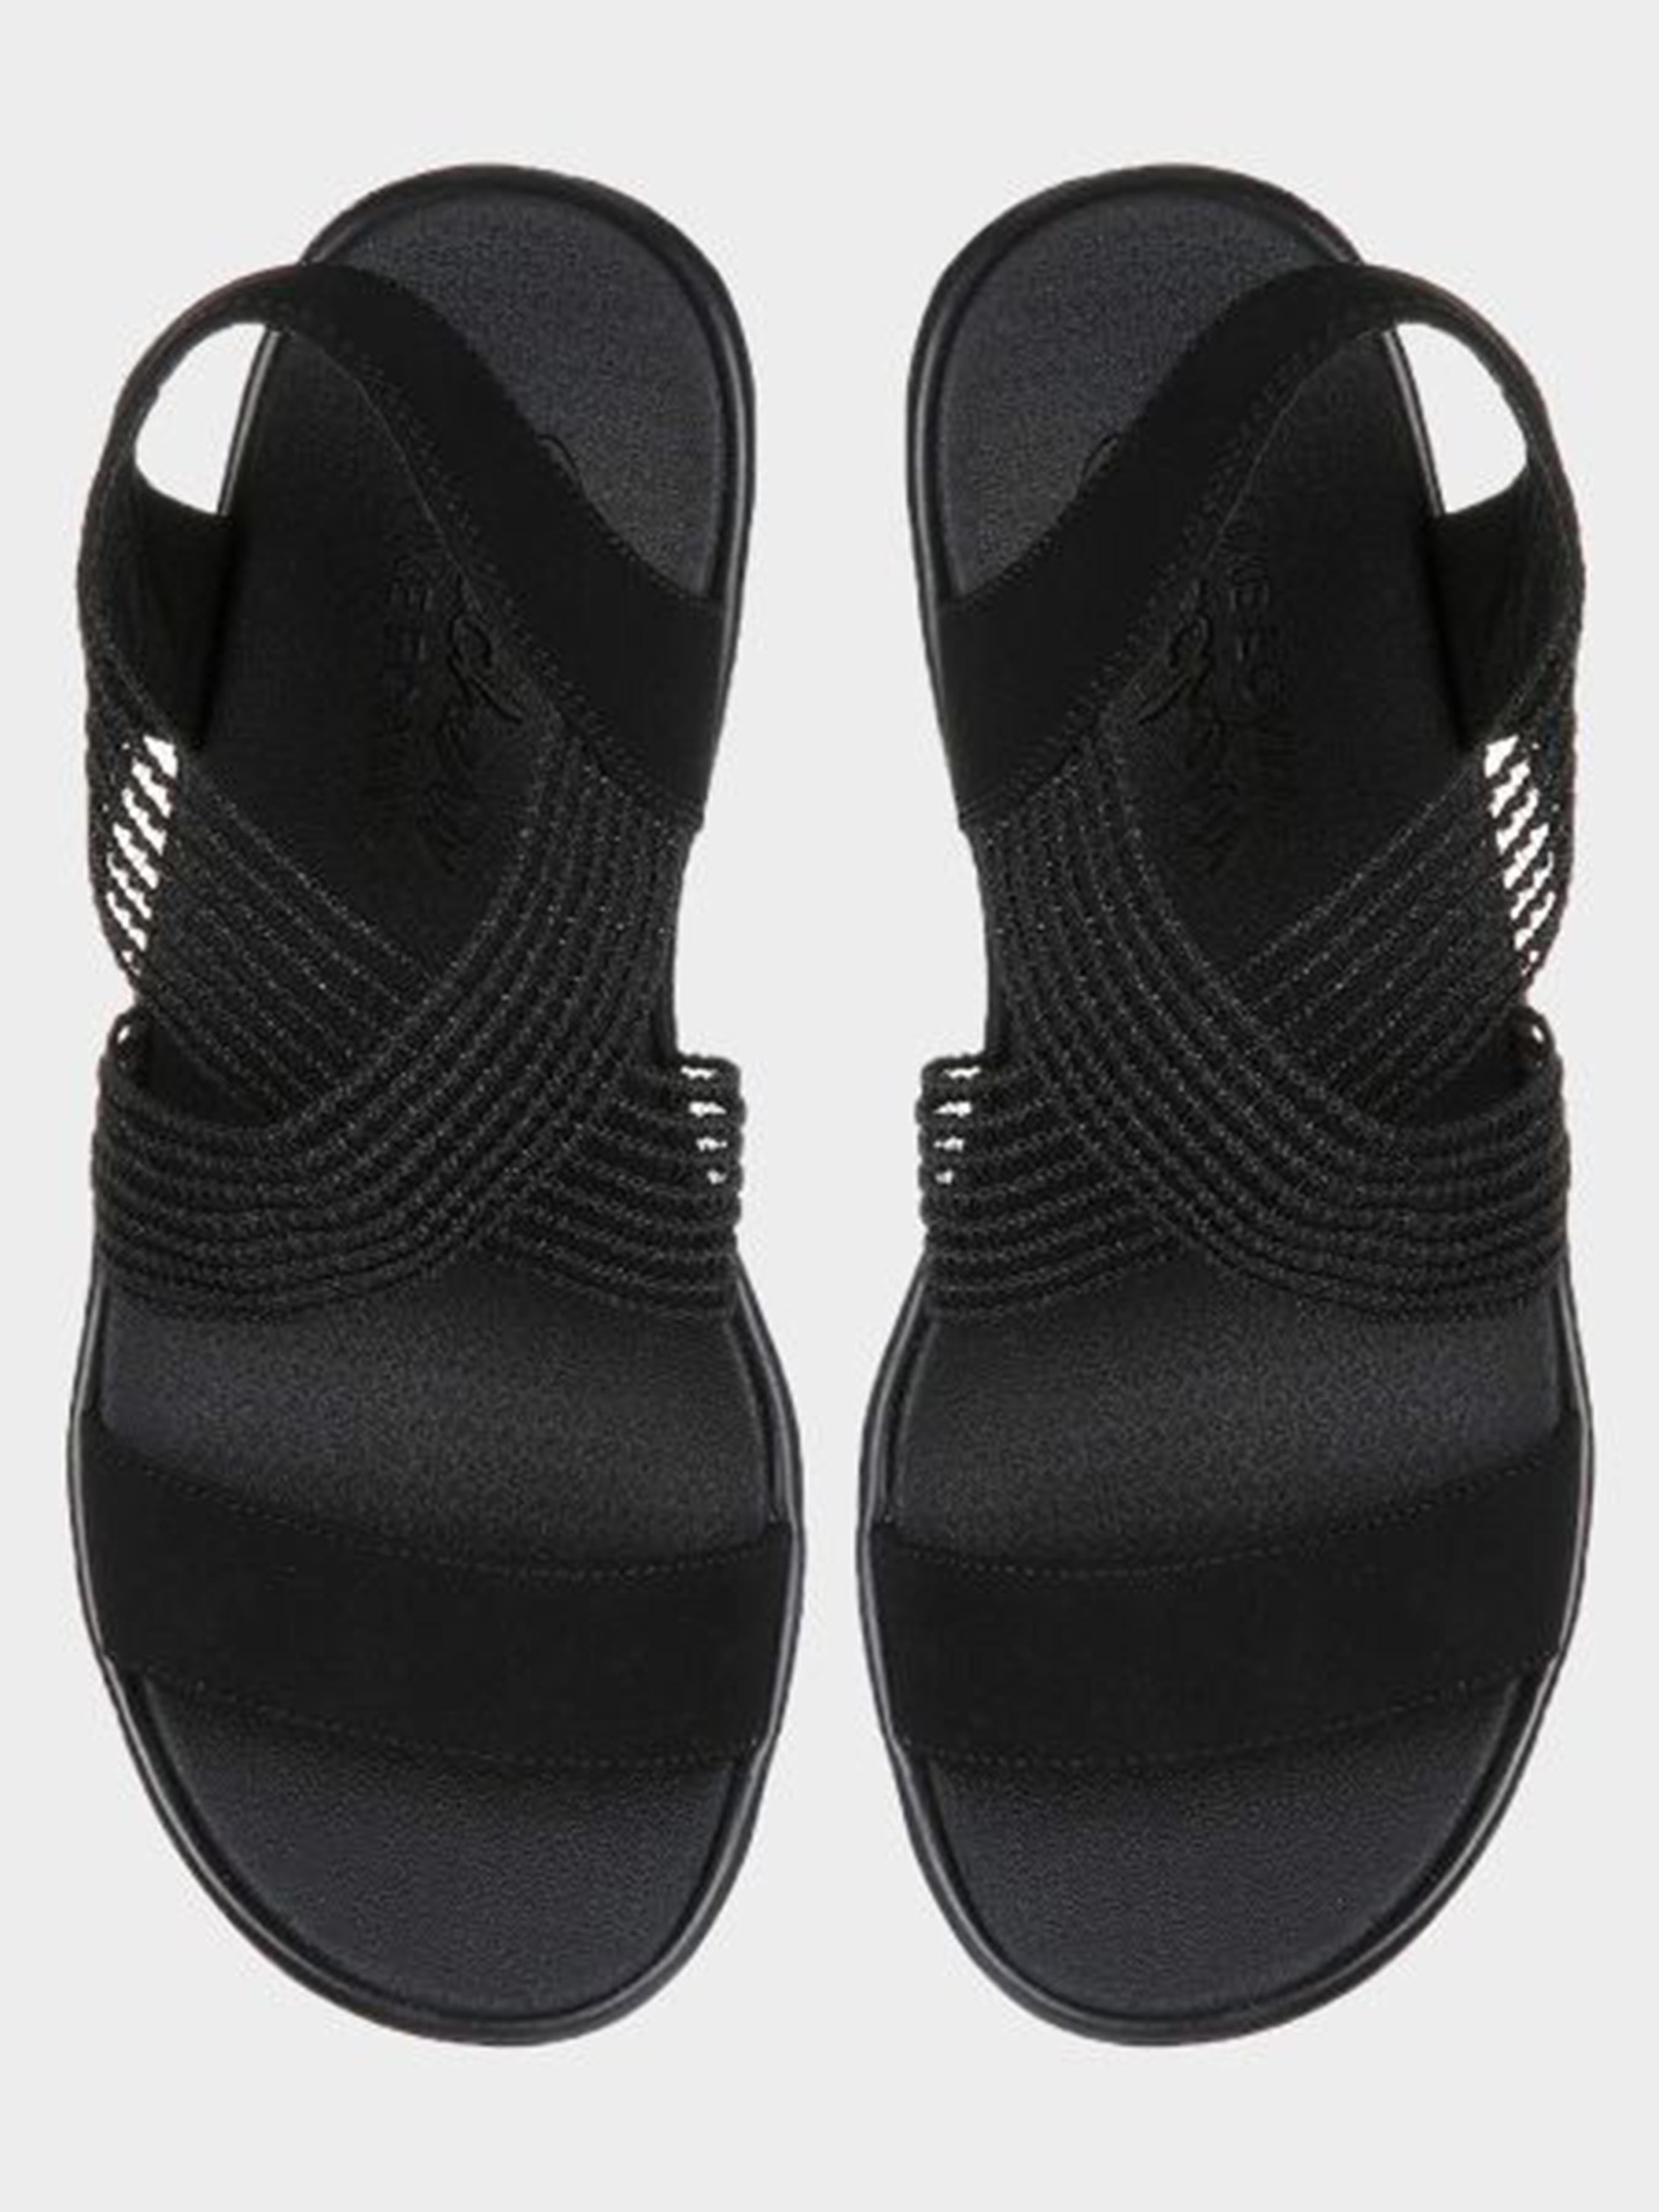 Босоножки для женщин Skechers 33473 BBK размеры обуви, 2017